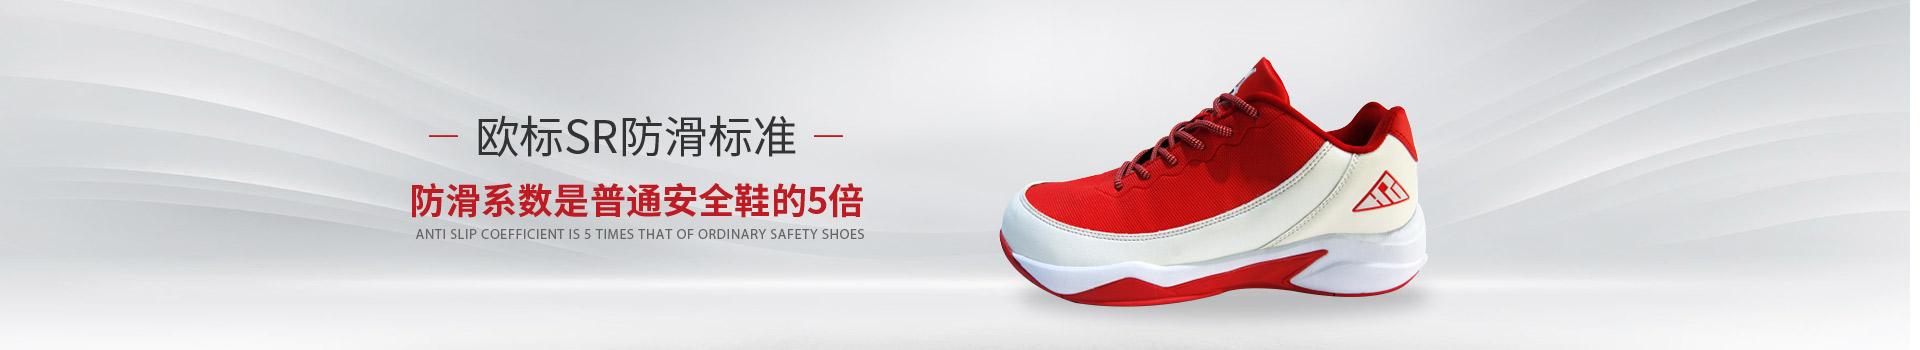 首沪劳保鞋防滑系数是普通安全鞋的5倍